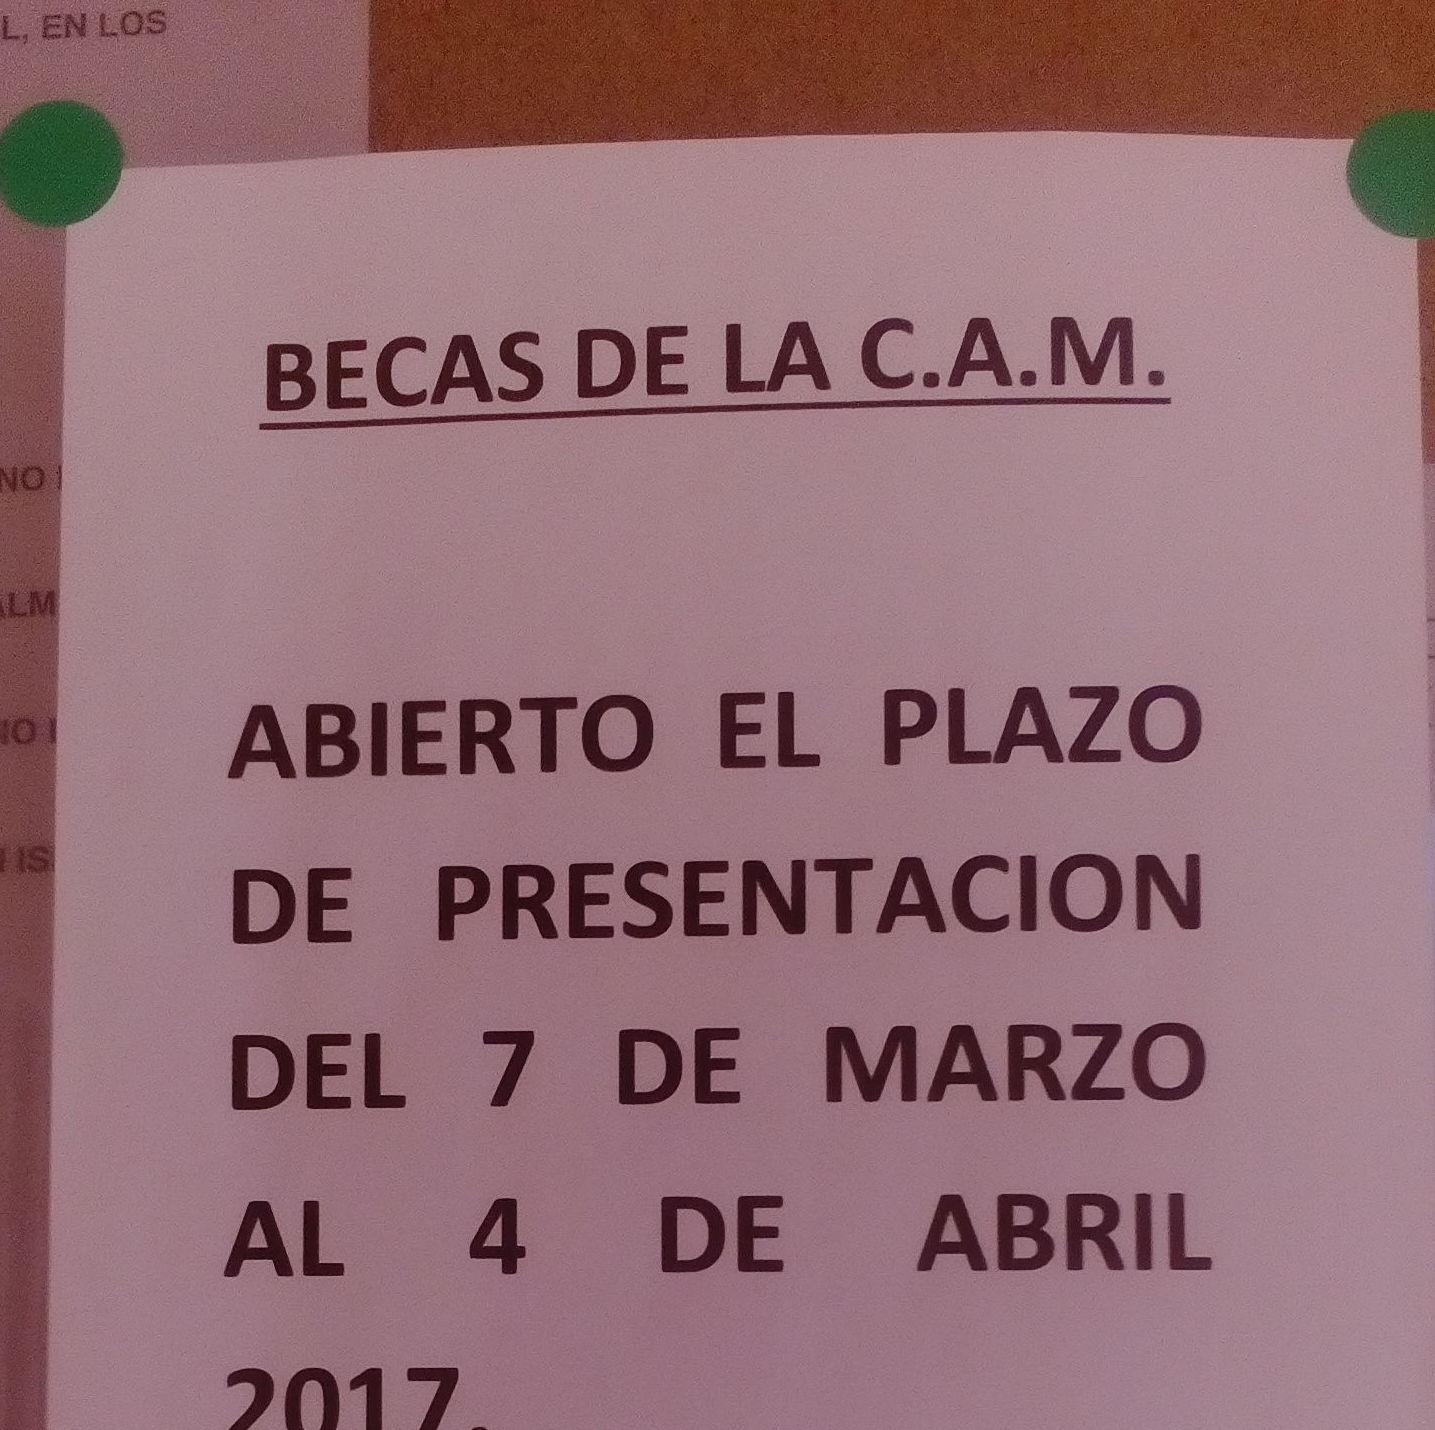 Abierto el plazo de presentación del 7 de marzo al 4 de abril 2017 - Becas de la C.A.M.